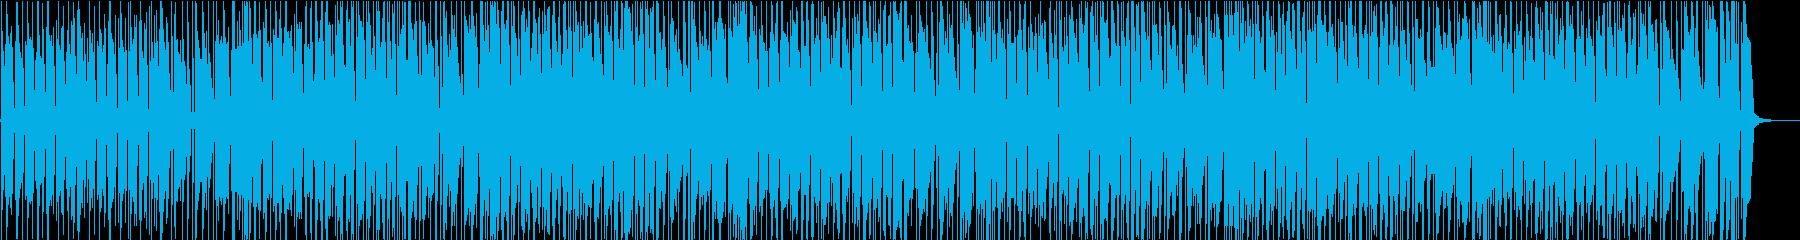 ブルースギターロック ミドルテンポ 軽快の再生済みの波形